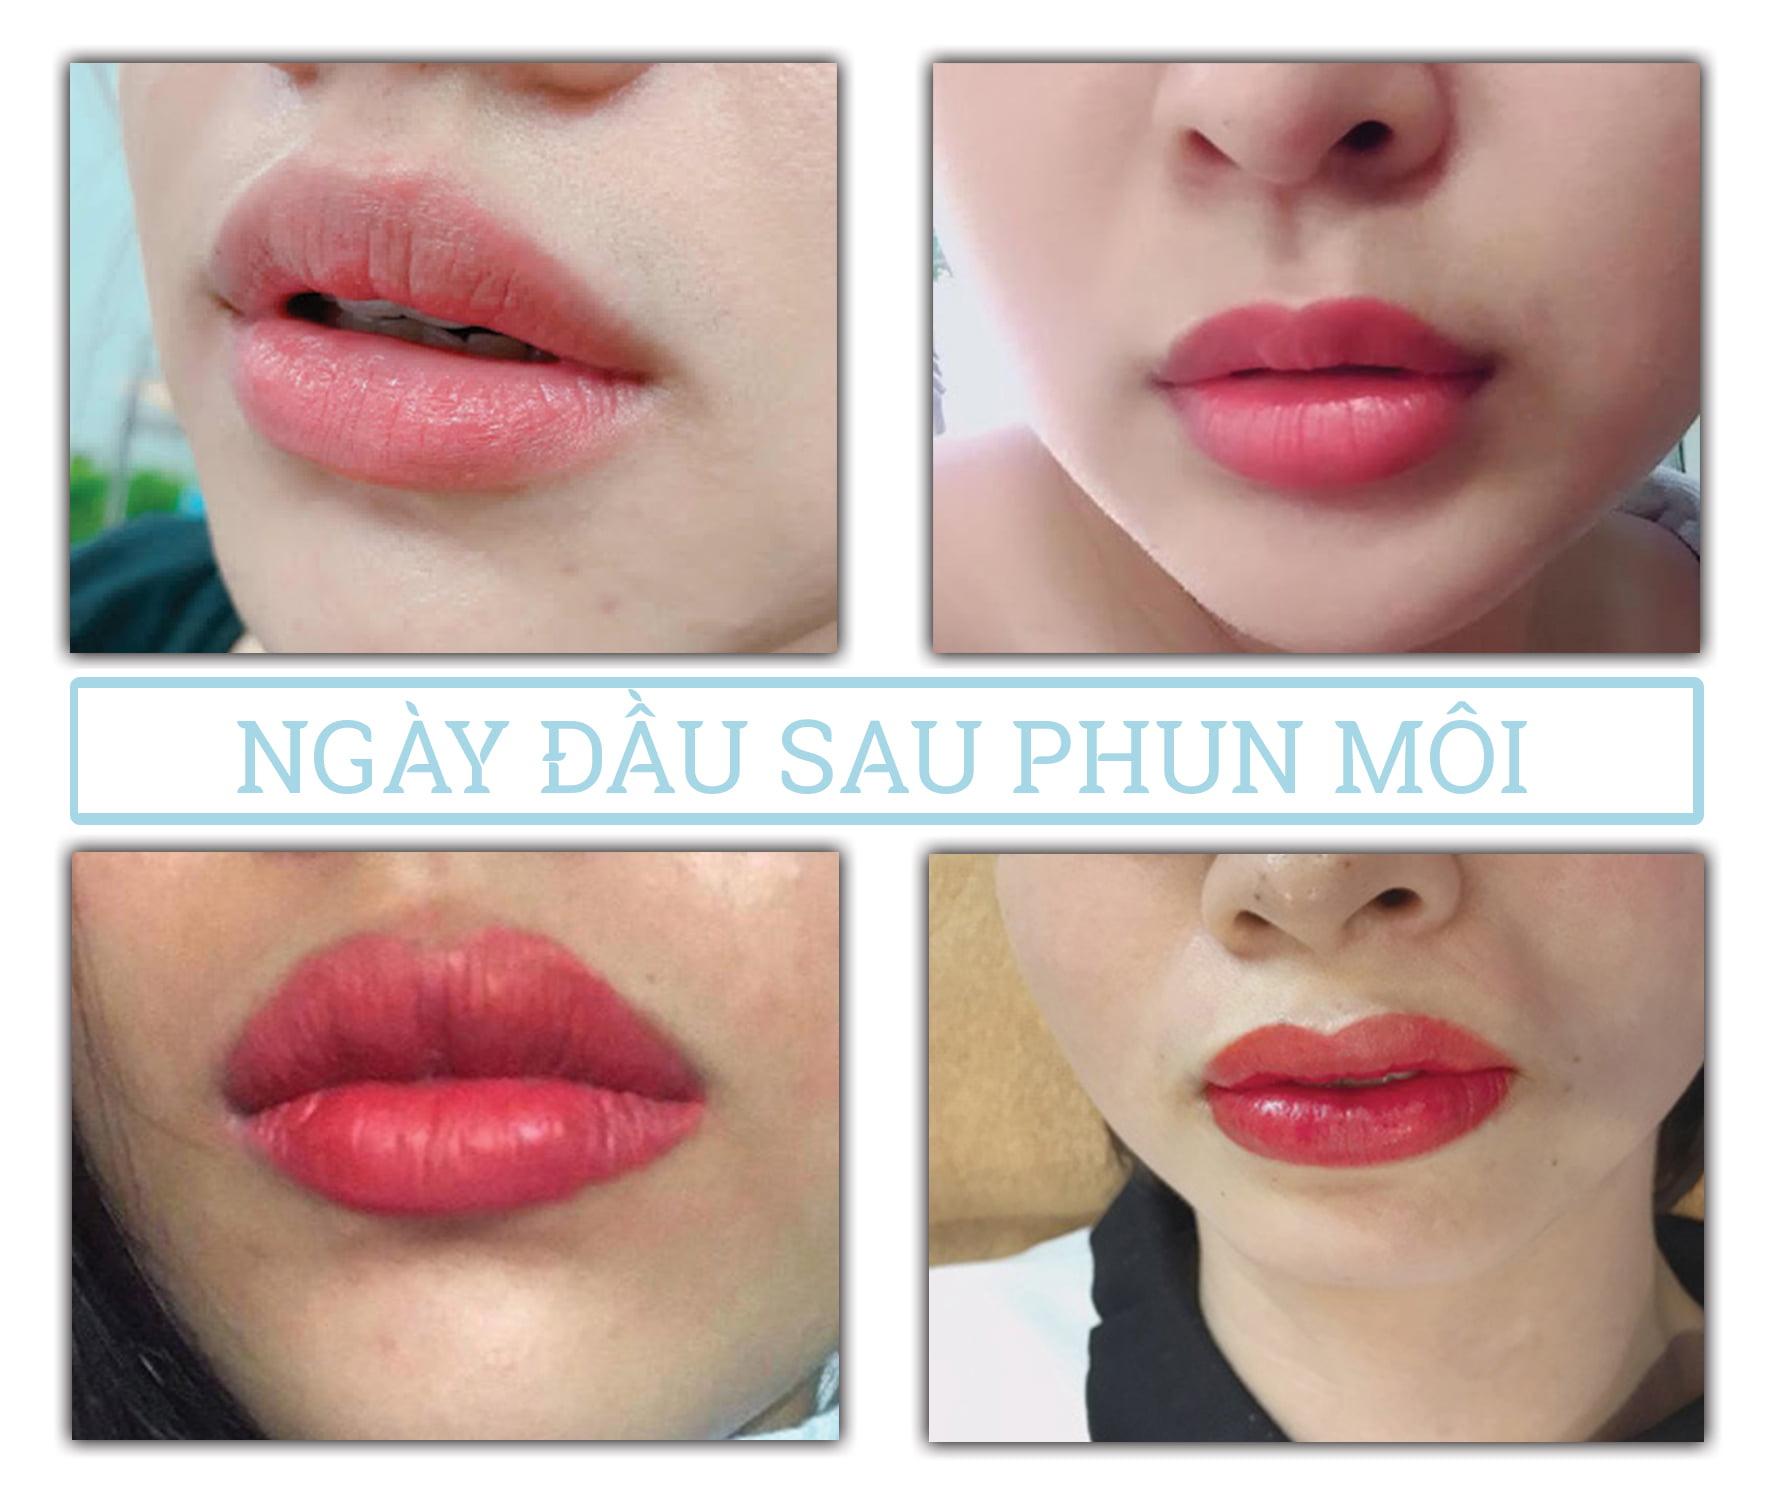 Quá trình phục hồi sau phun môi: Ngày 1